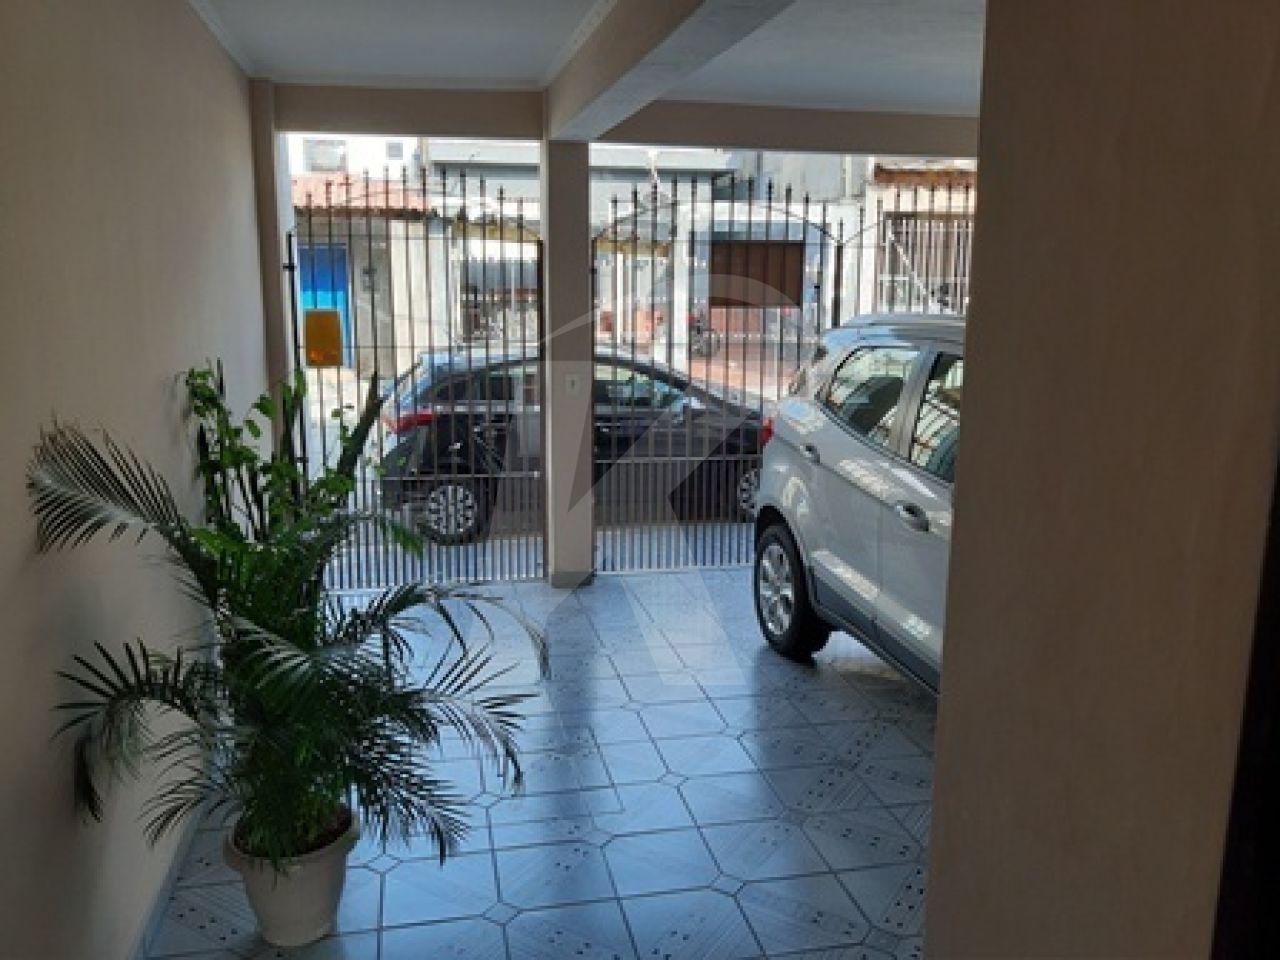 Sobrado Jardim Brasil (Zona Norte) - 2 Dormitório(s) - São Paulo - SP - REF. KA8573